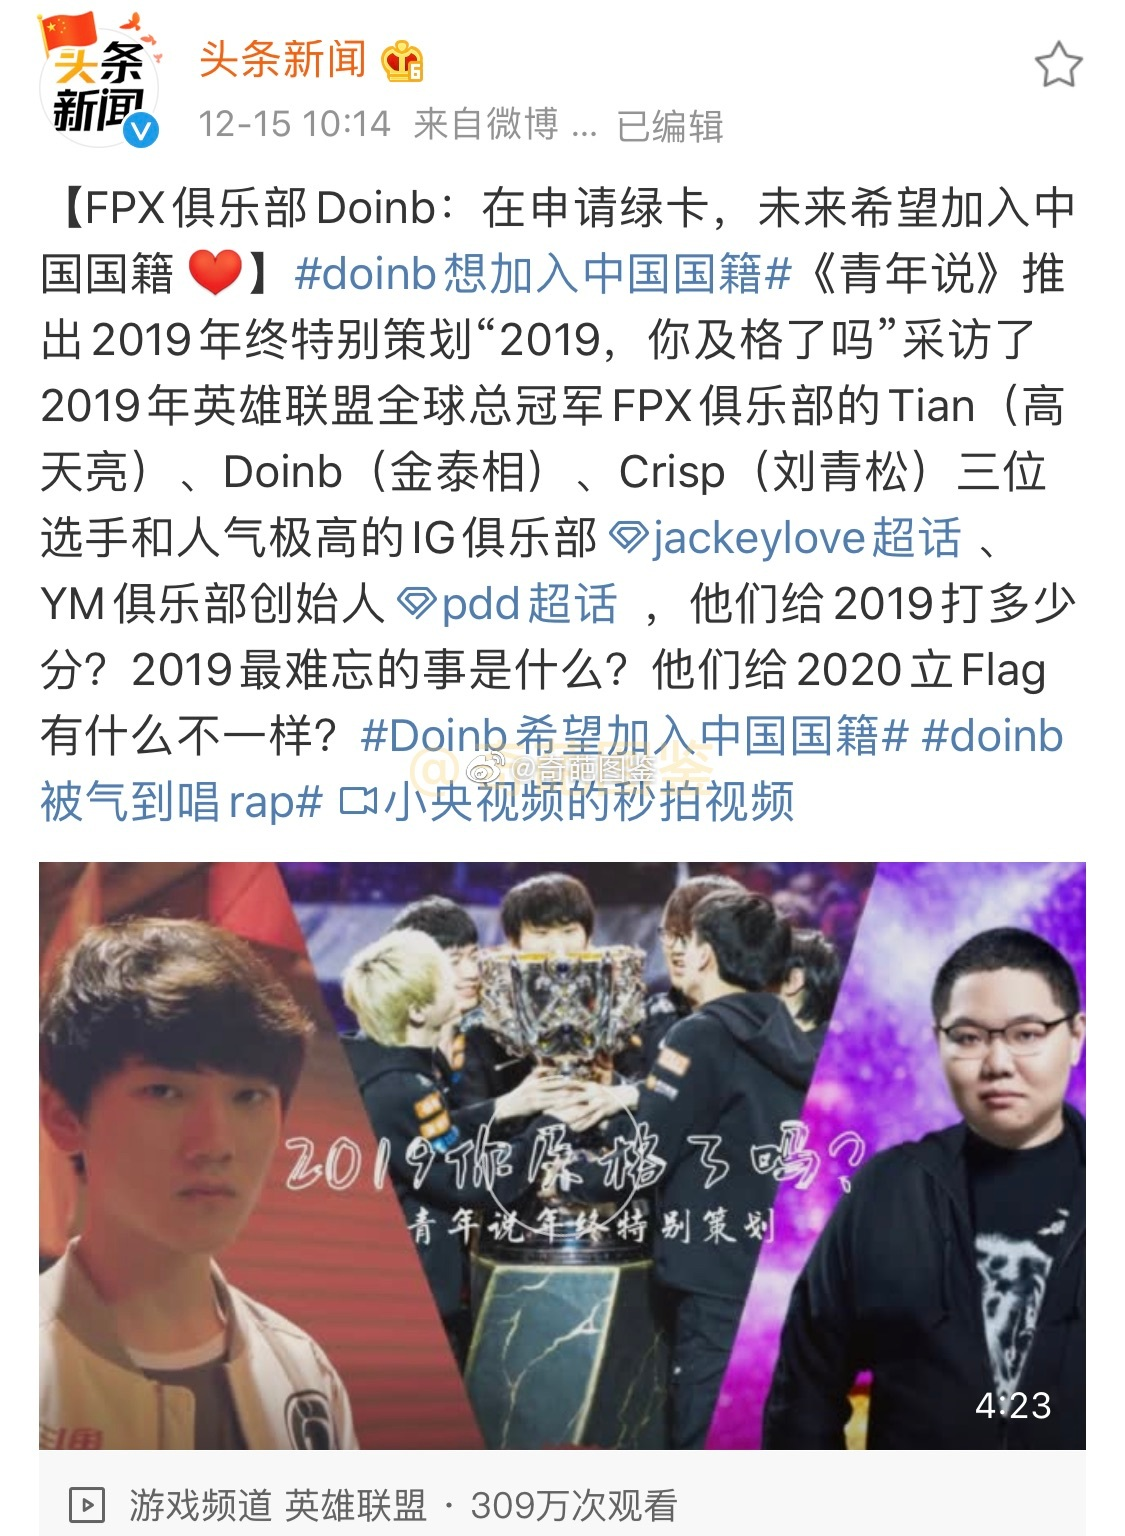 台湾论坛点评FPX俱乐部Doinb:在申请绿卡,未来希望加入中国国籍